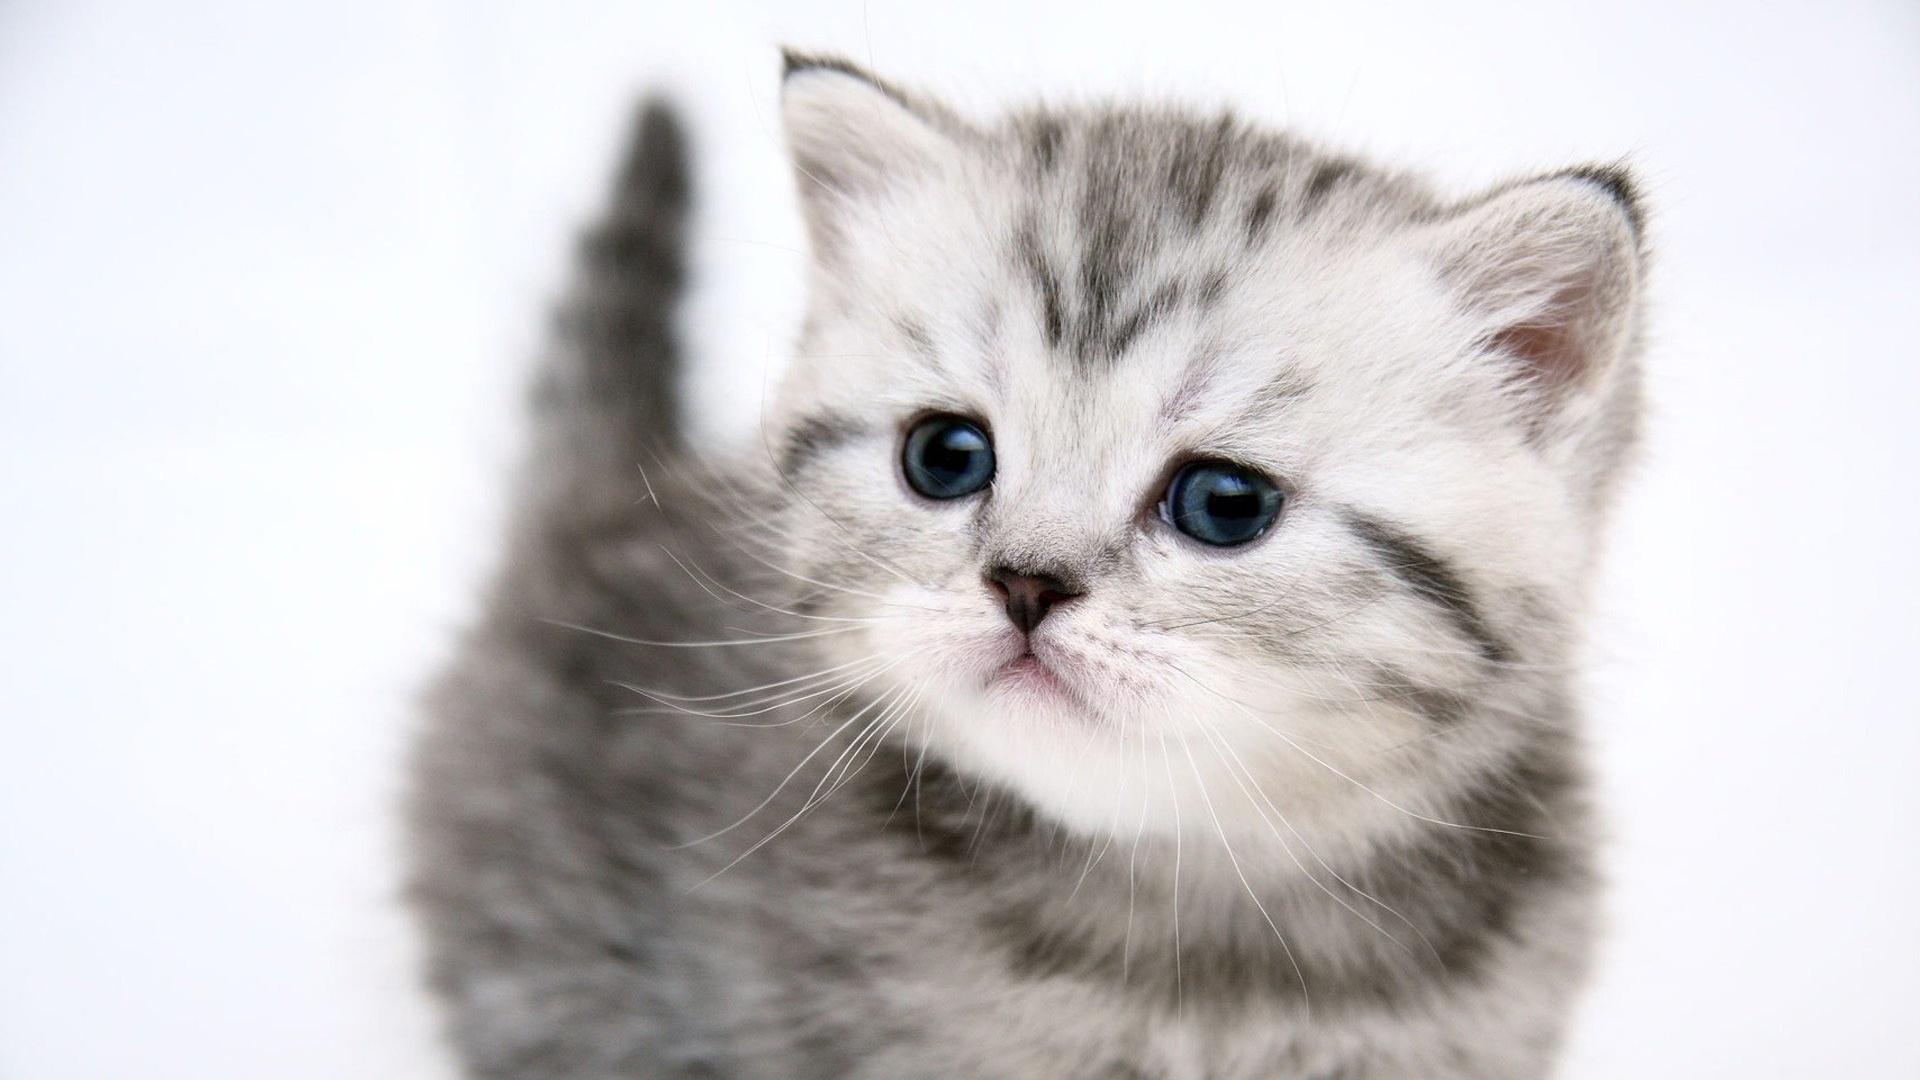 котенок дымчатый kitten smoky  № 2344434 загрузить